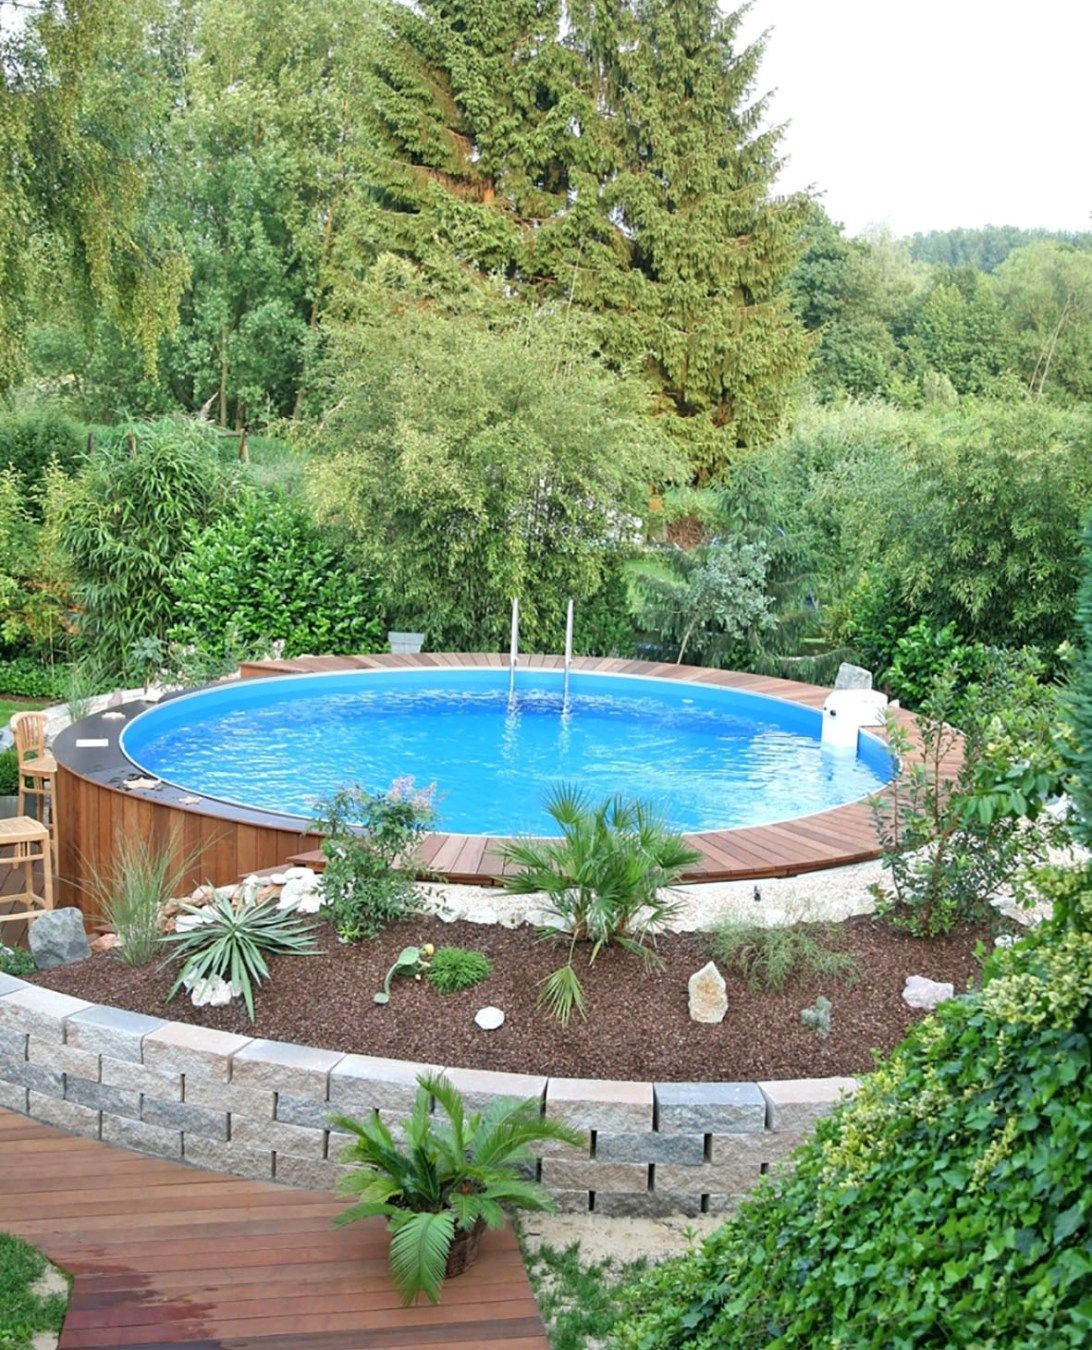 Kleiner Pool Im Grunen Garten Garten Pool Fur Kleinen Garten